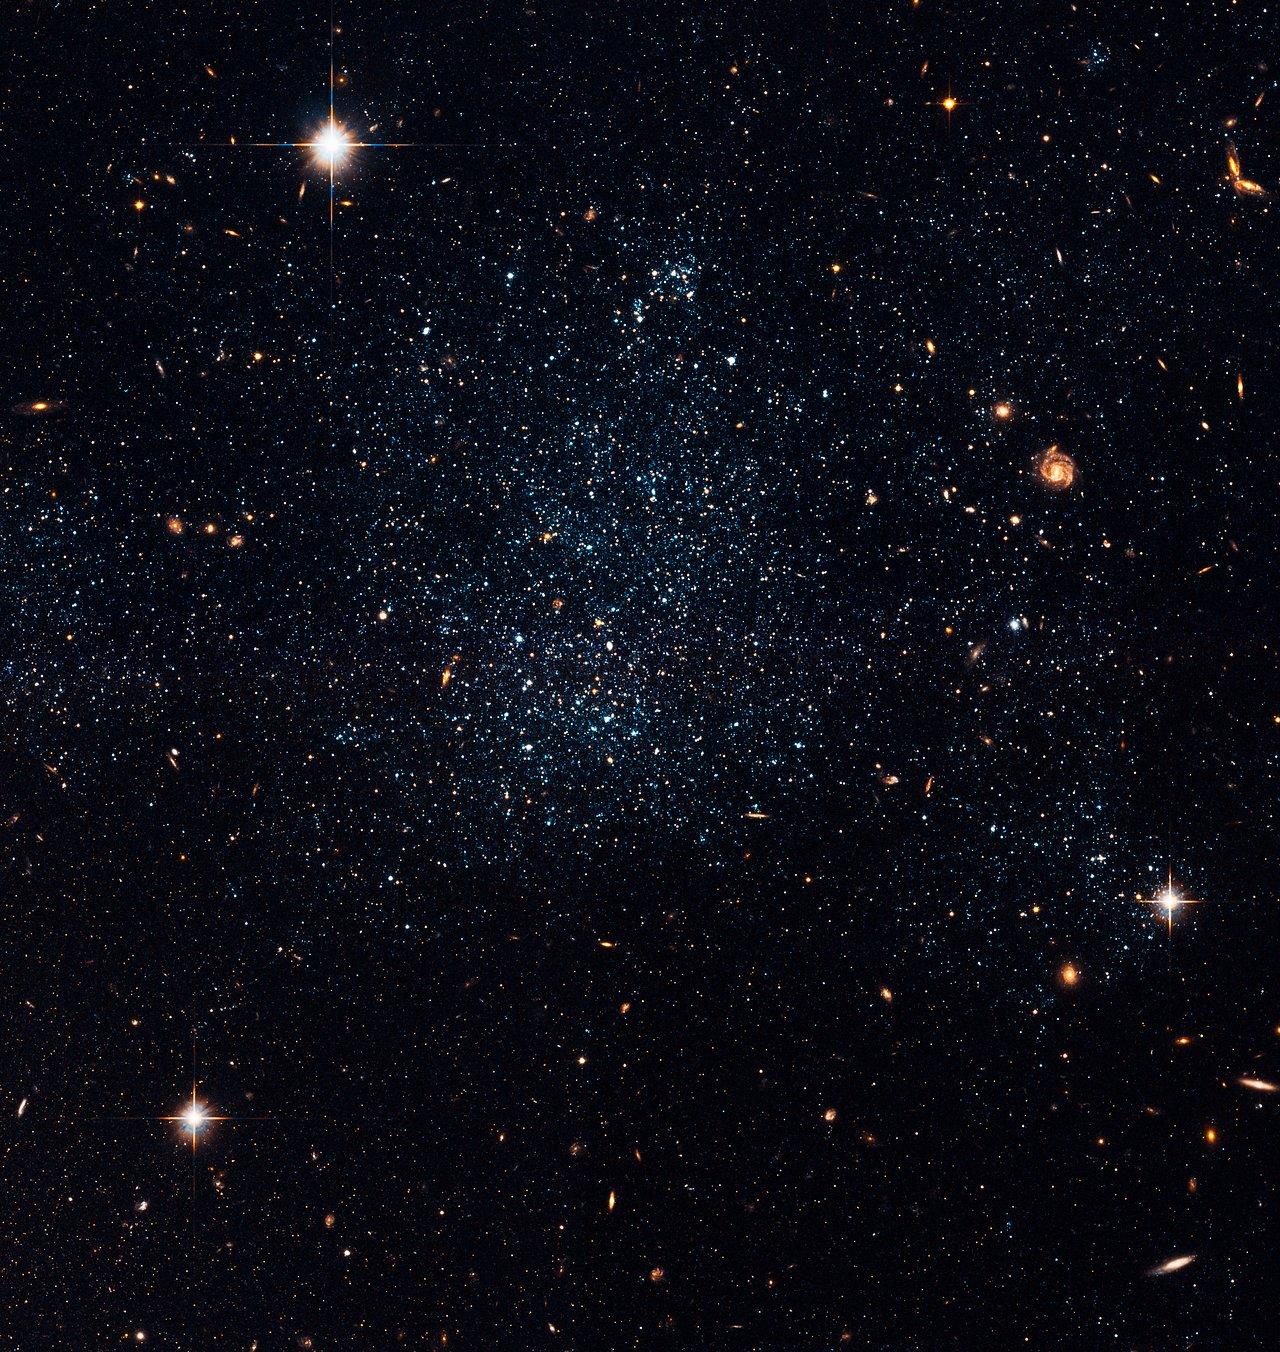 Dwarf Galaxy Holmberg IX